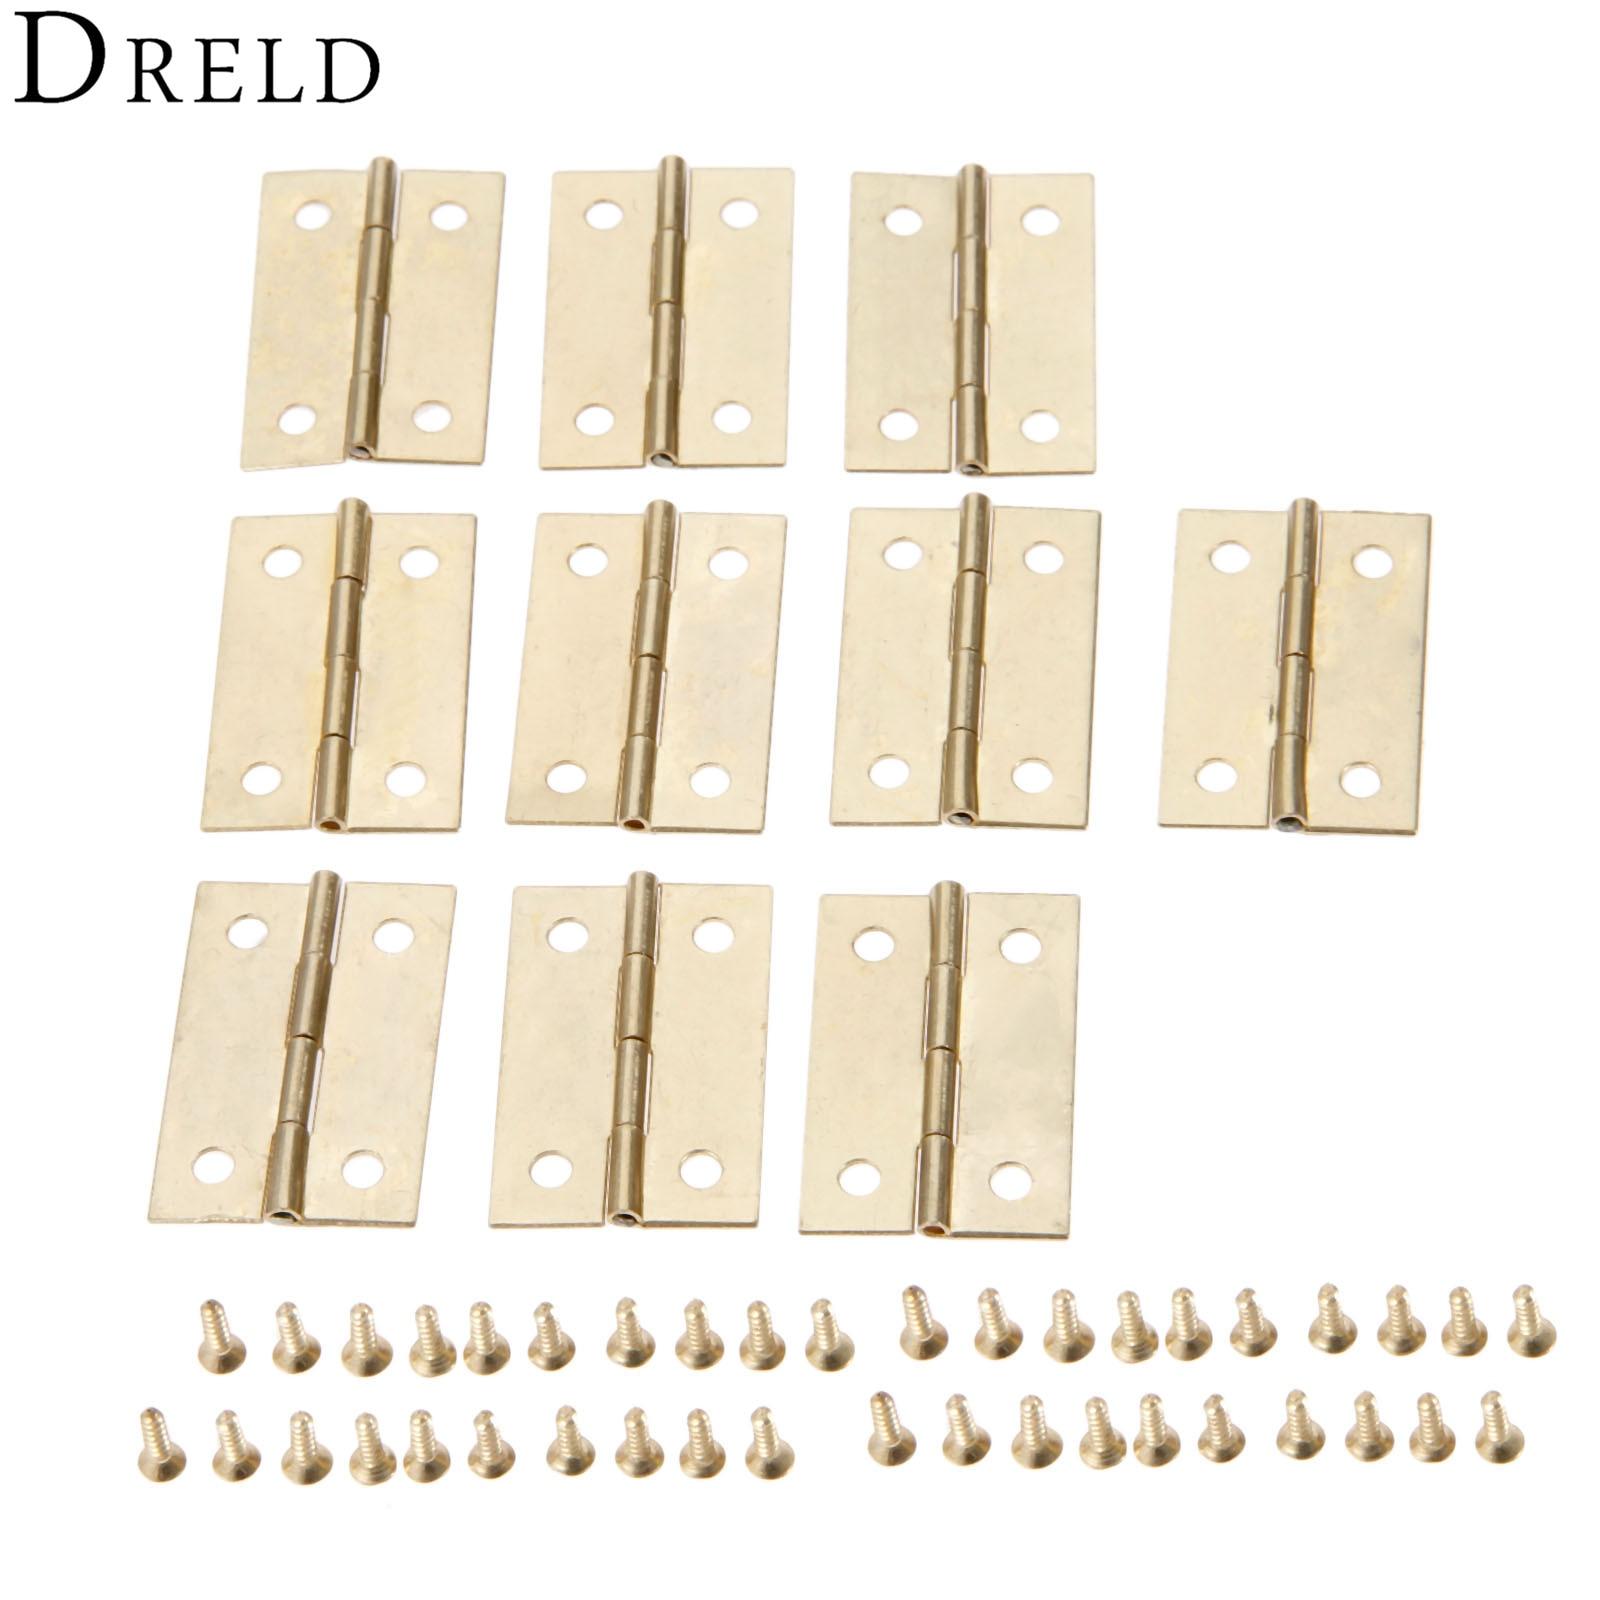 DRELD, 10 Uds., 35*22mm, bisagra para muebles, puerta del cajón de armario, bisagra pequeña, caja de madera para joyas, bisagra decorativa, accesorios para muebles